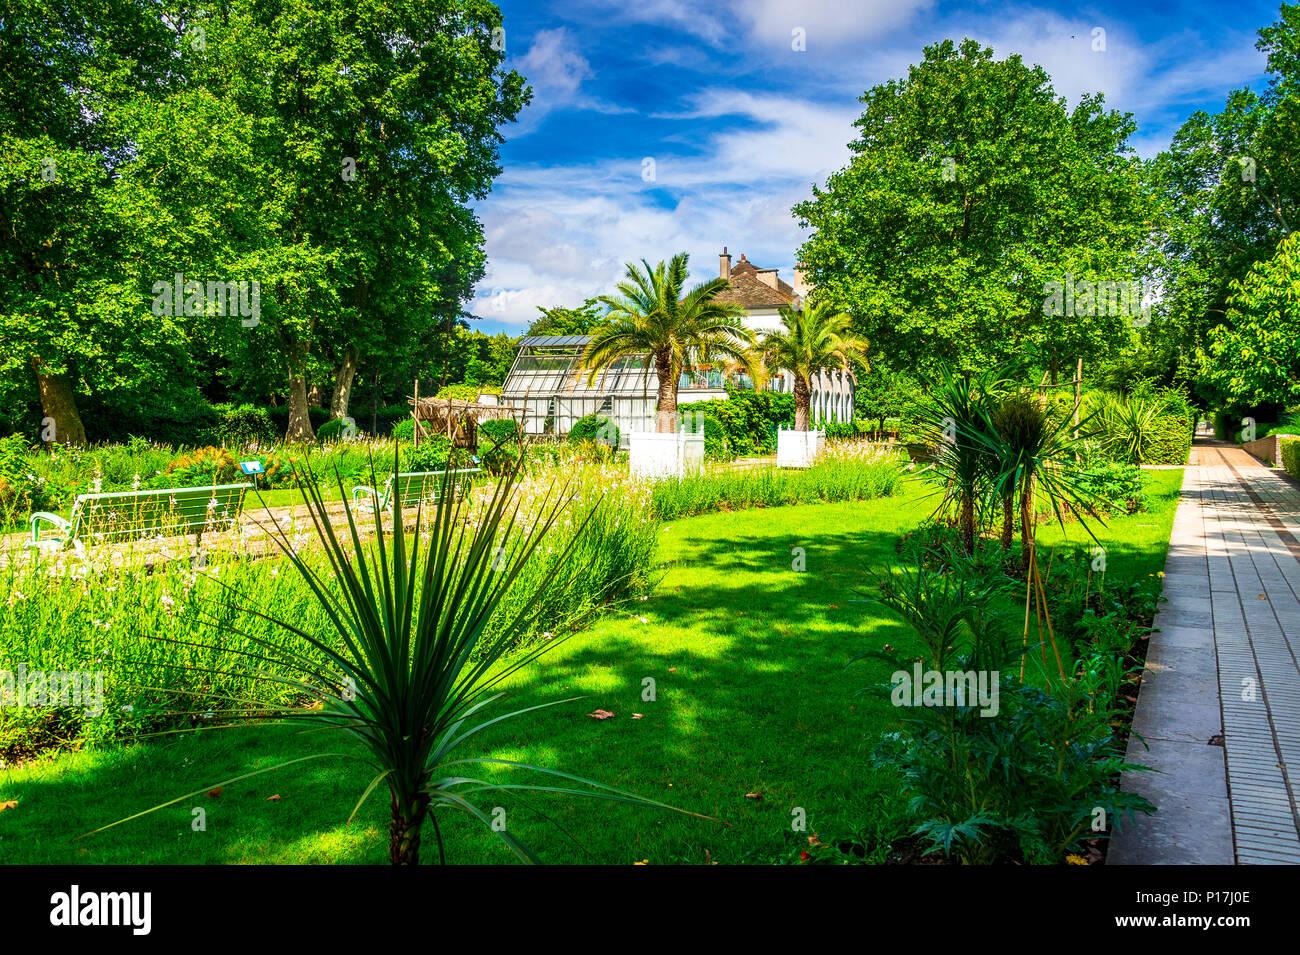 Parc de Bercy in Paris, France - Stock Image